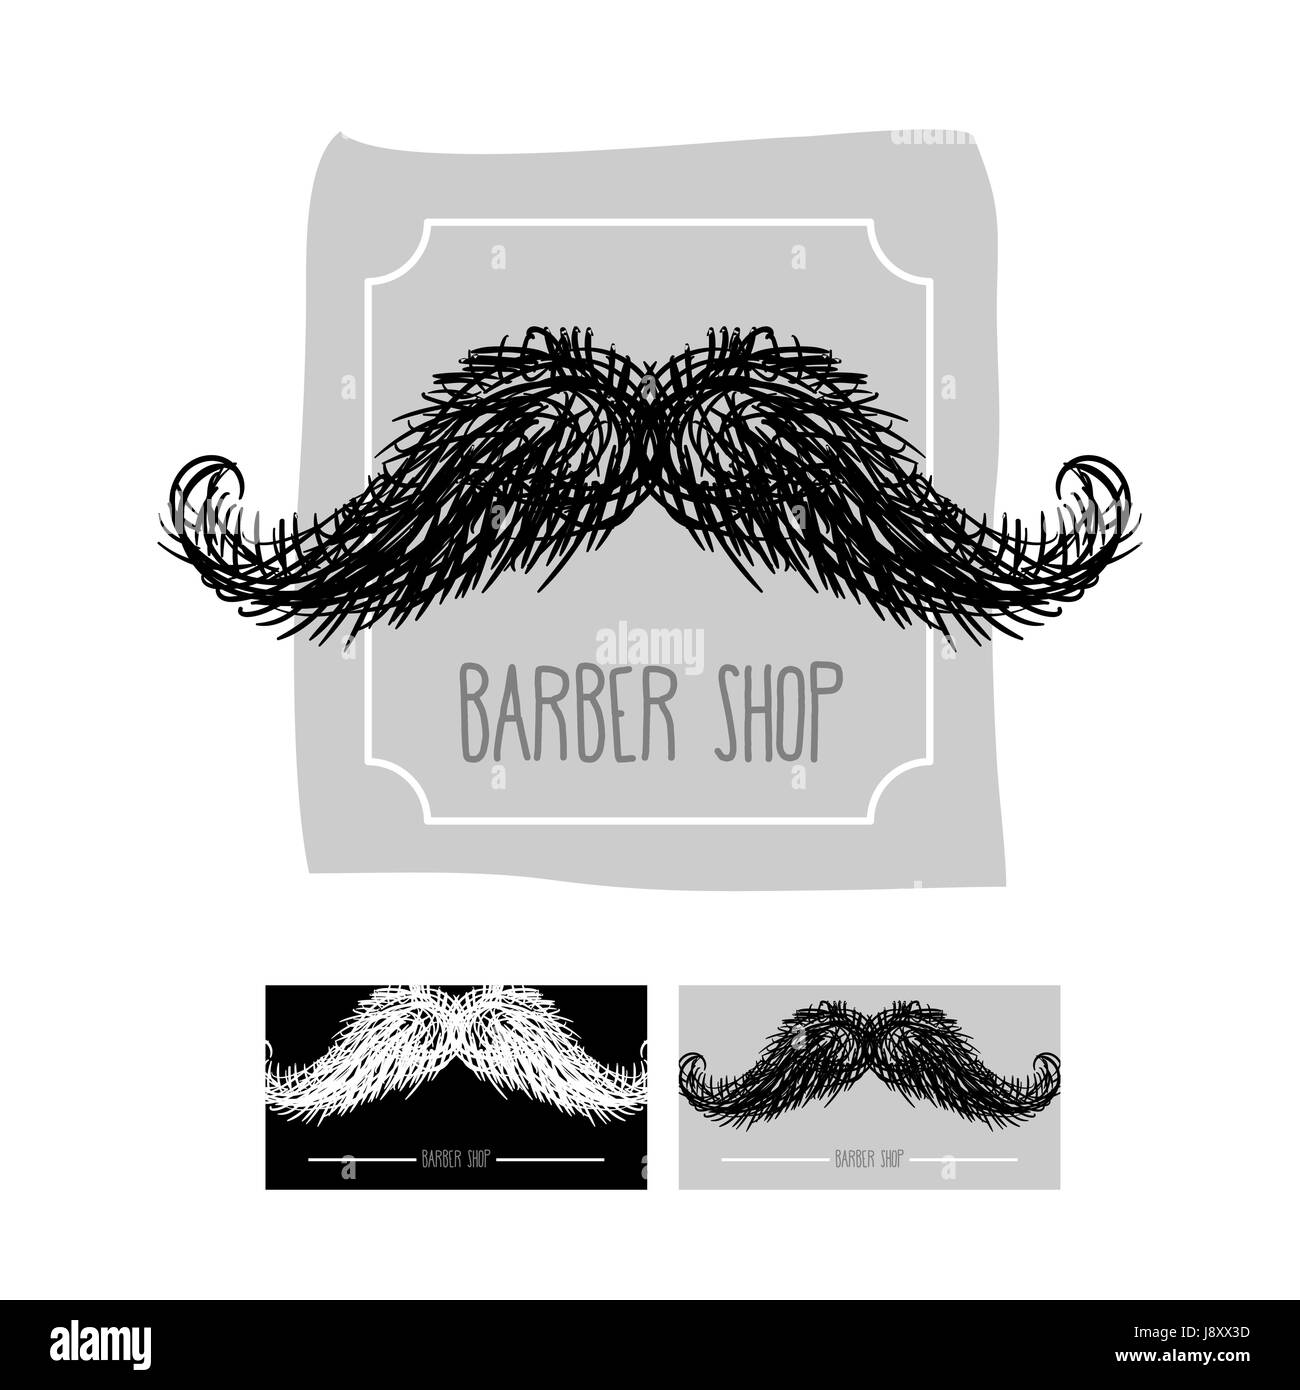 Barber Shop Logo Emblem Mit Einem Schnurrbart Vektor